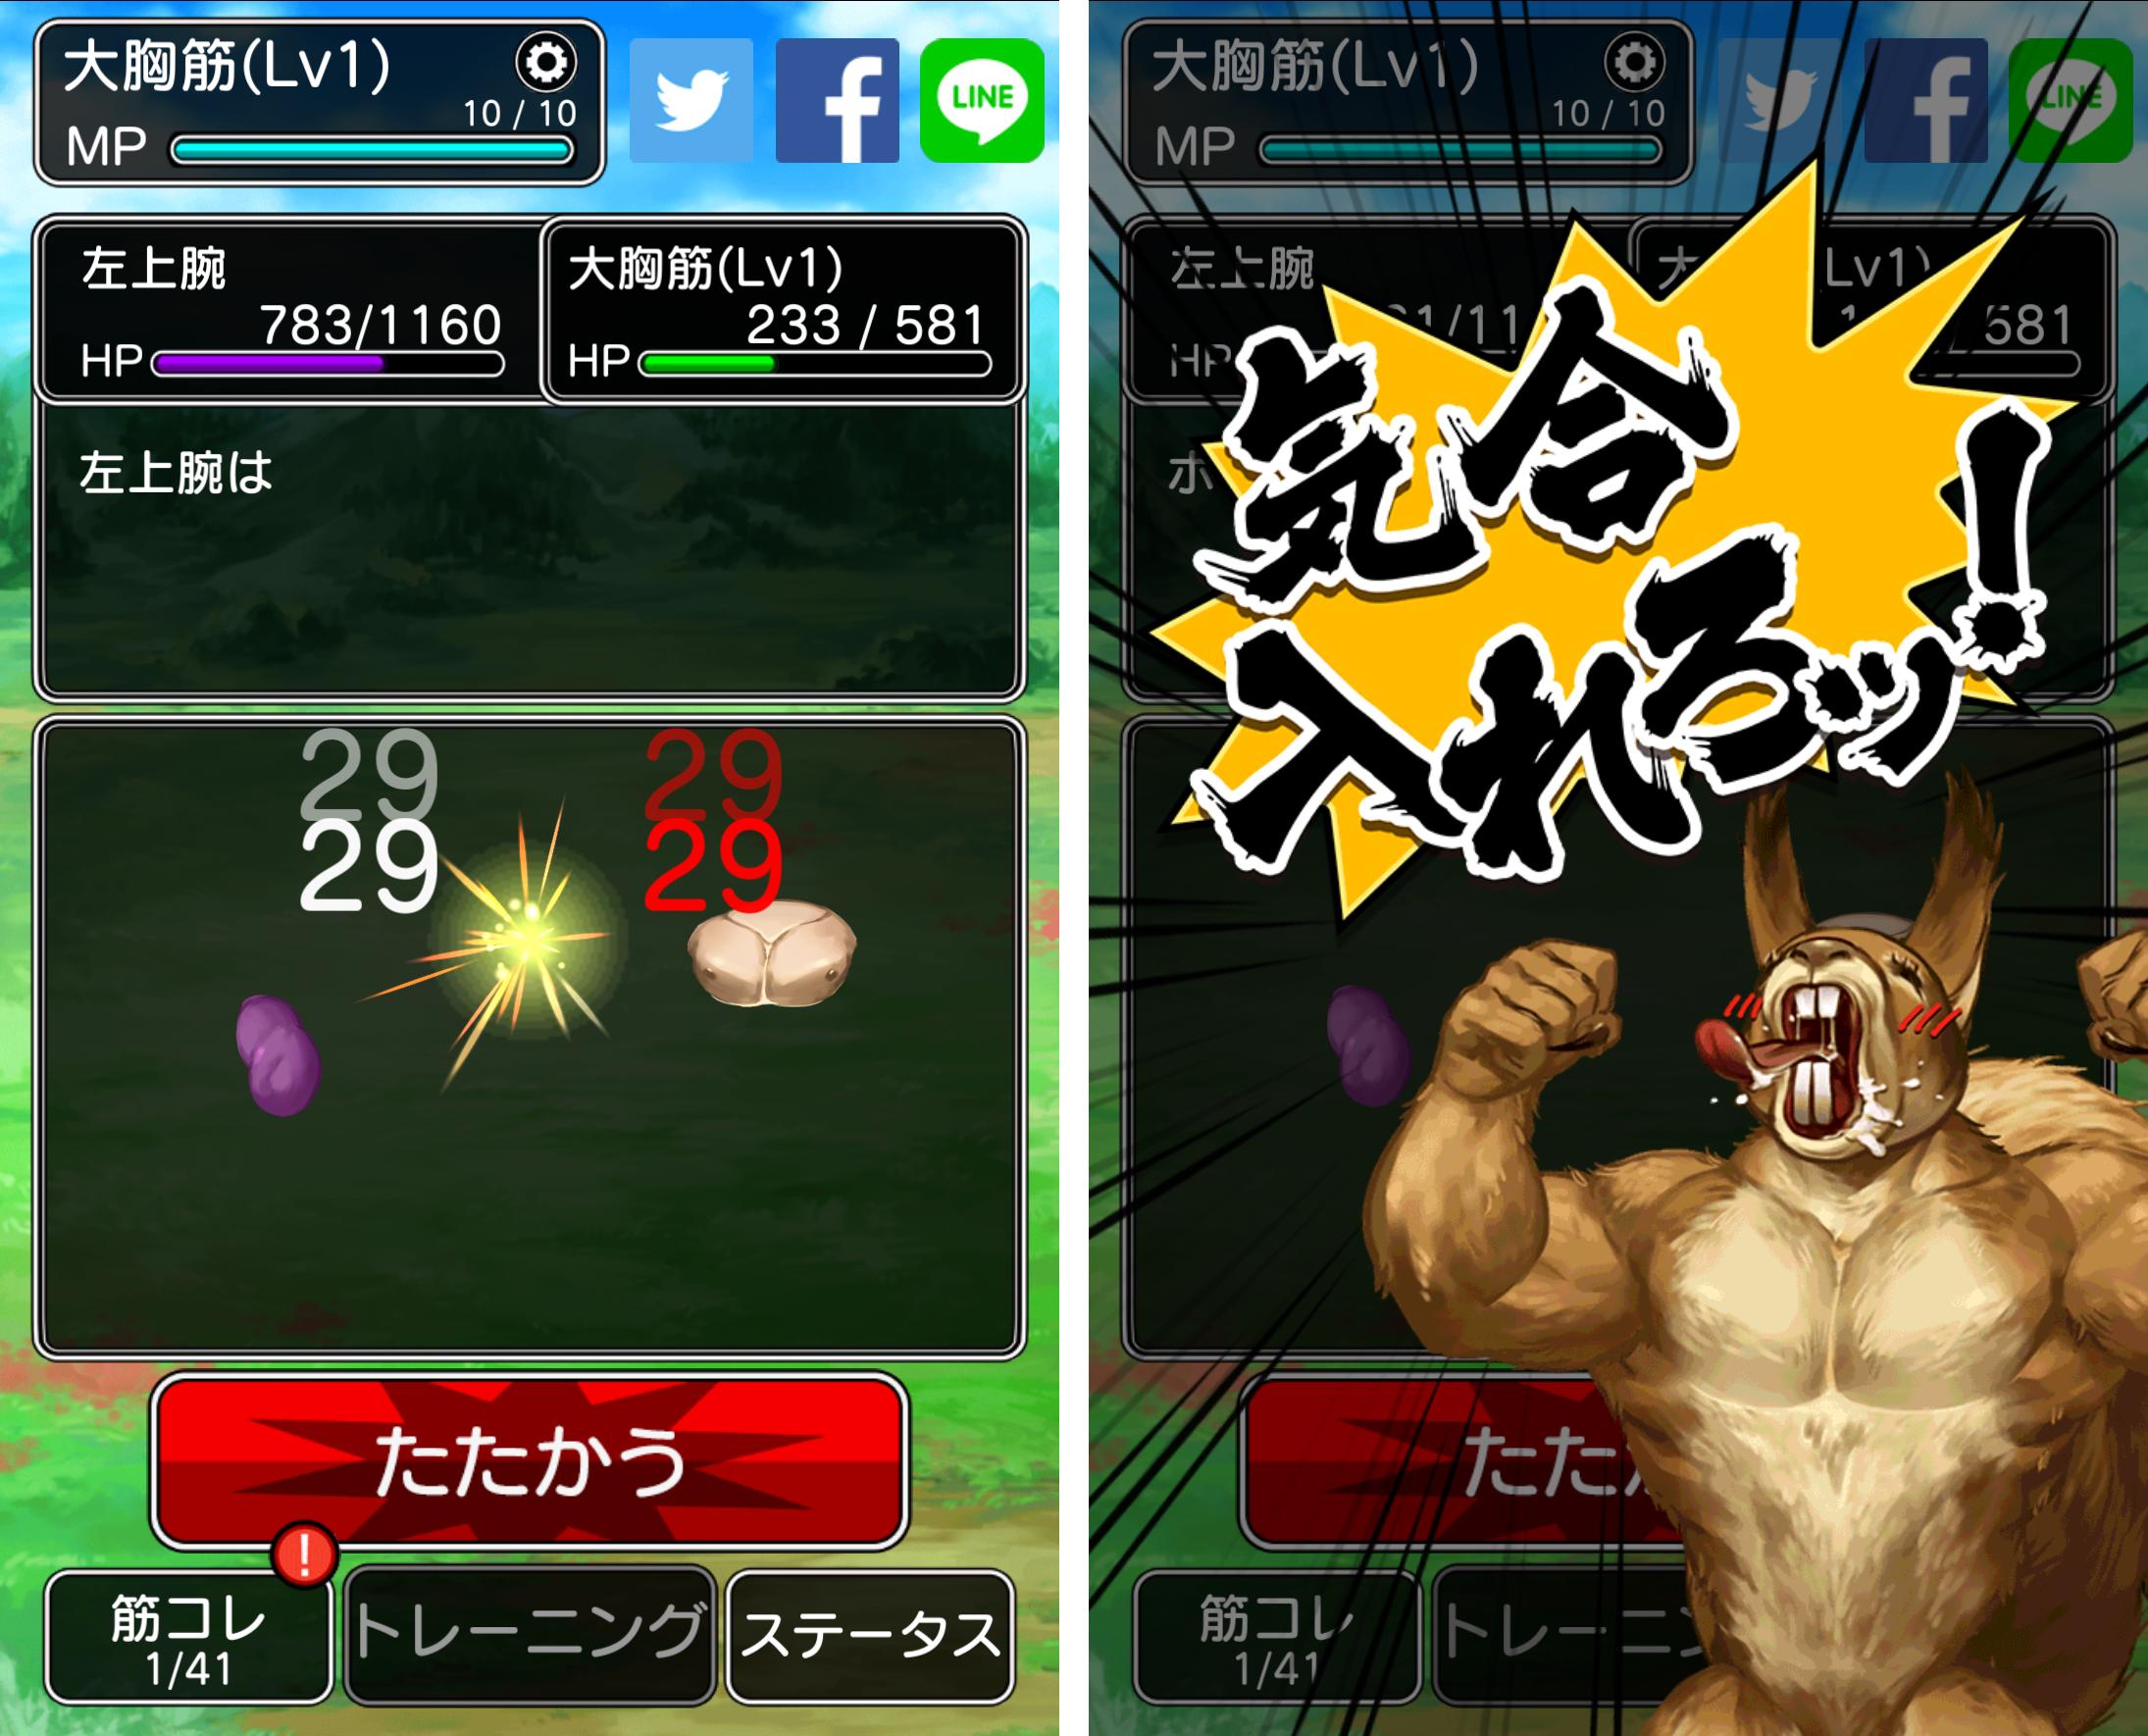 キンニクエスト 筋肉と筋肉と筋肉と呪われし筋肉 androidアプリスクリーンショット3